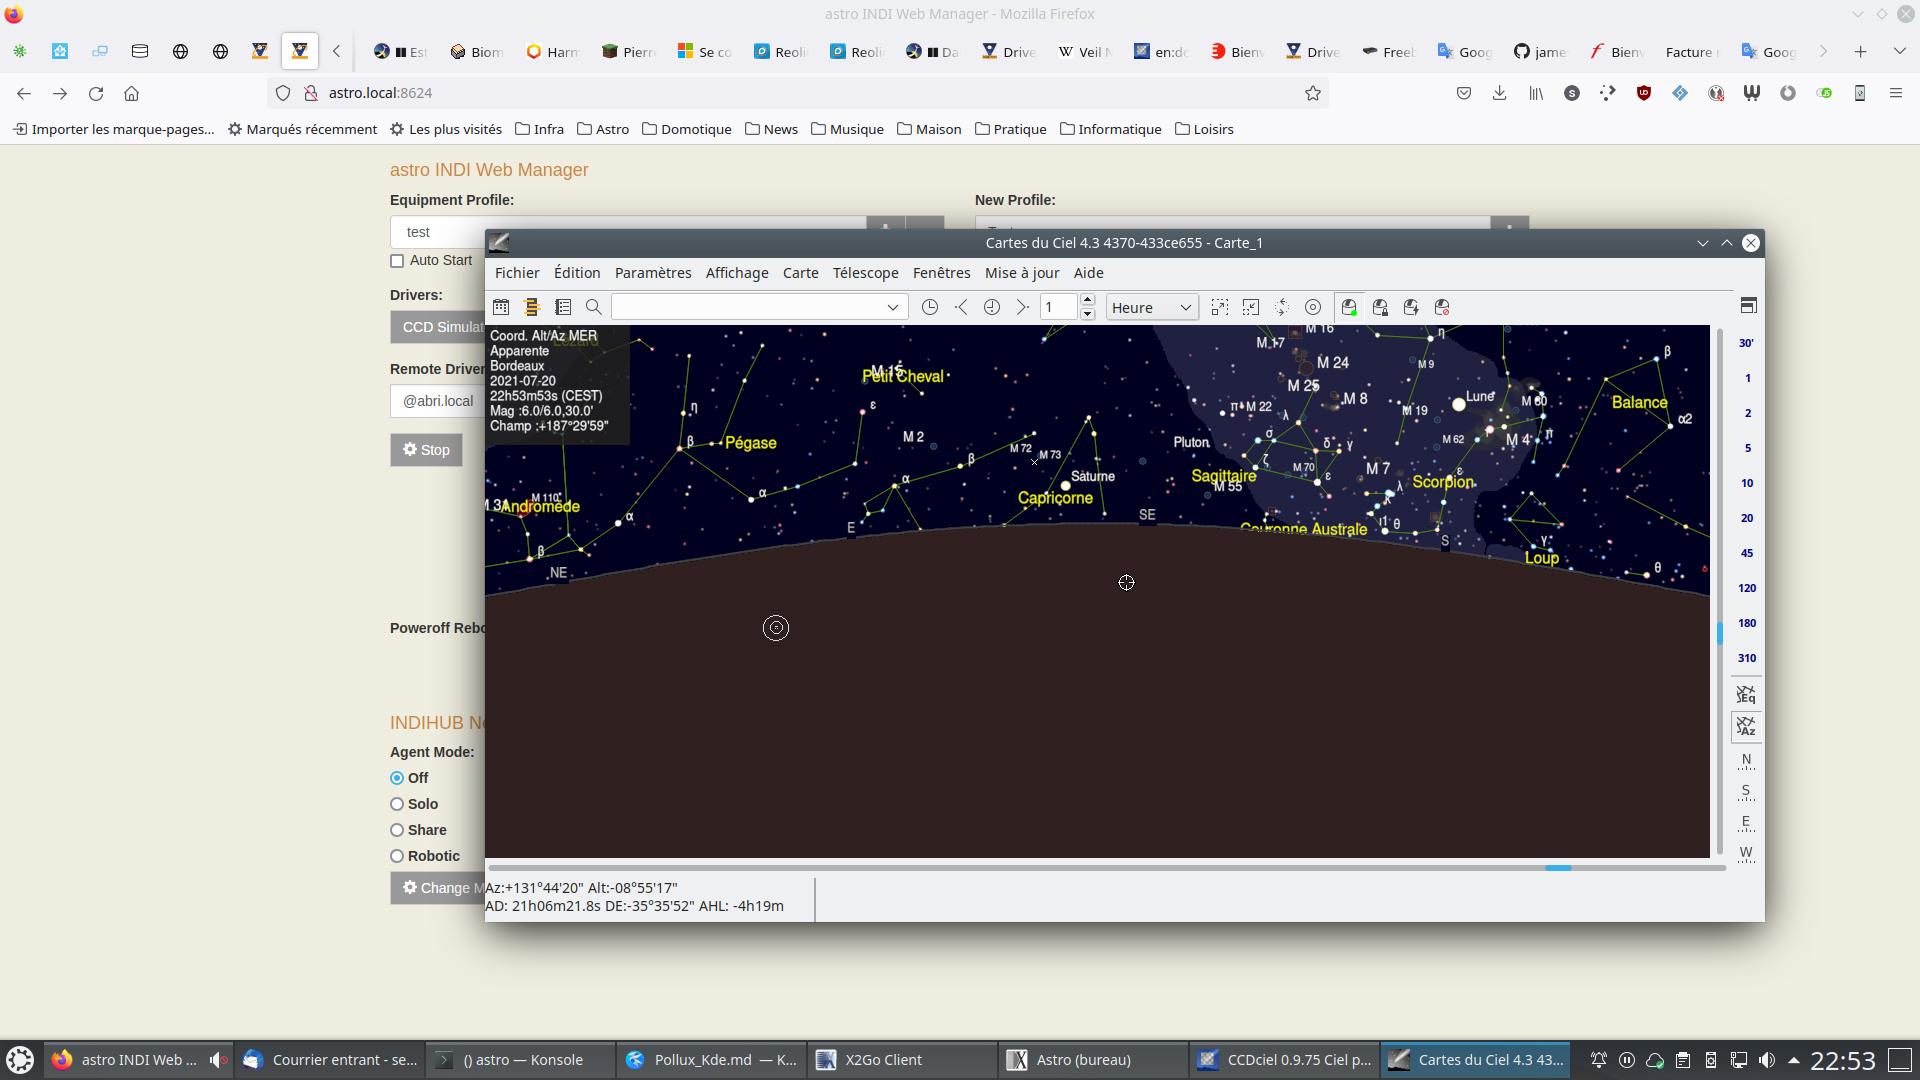 Screenshot_james-lan_2021-07-20.png